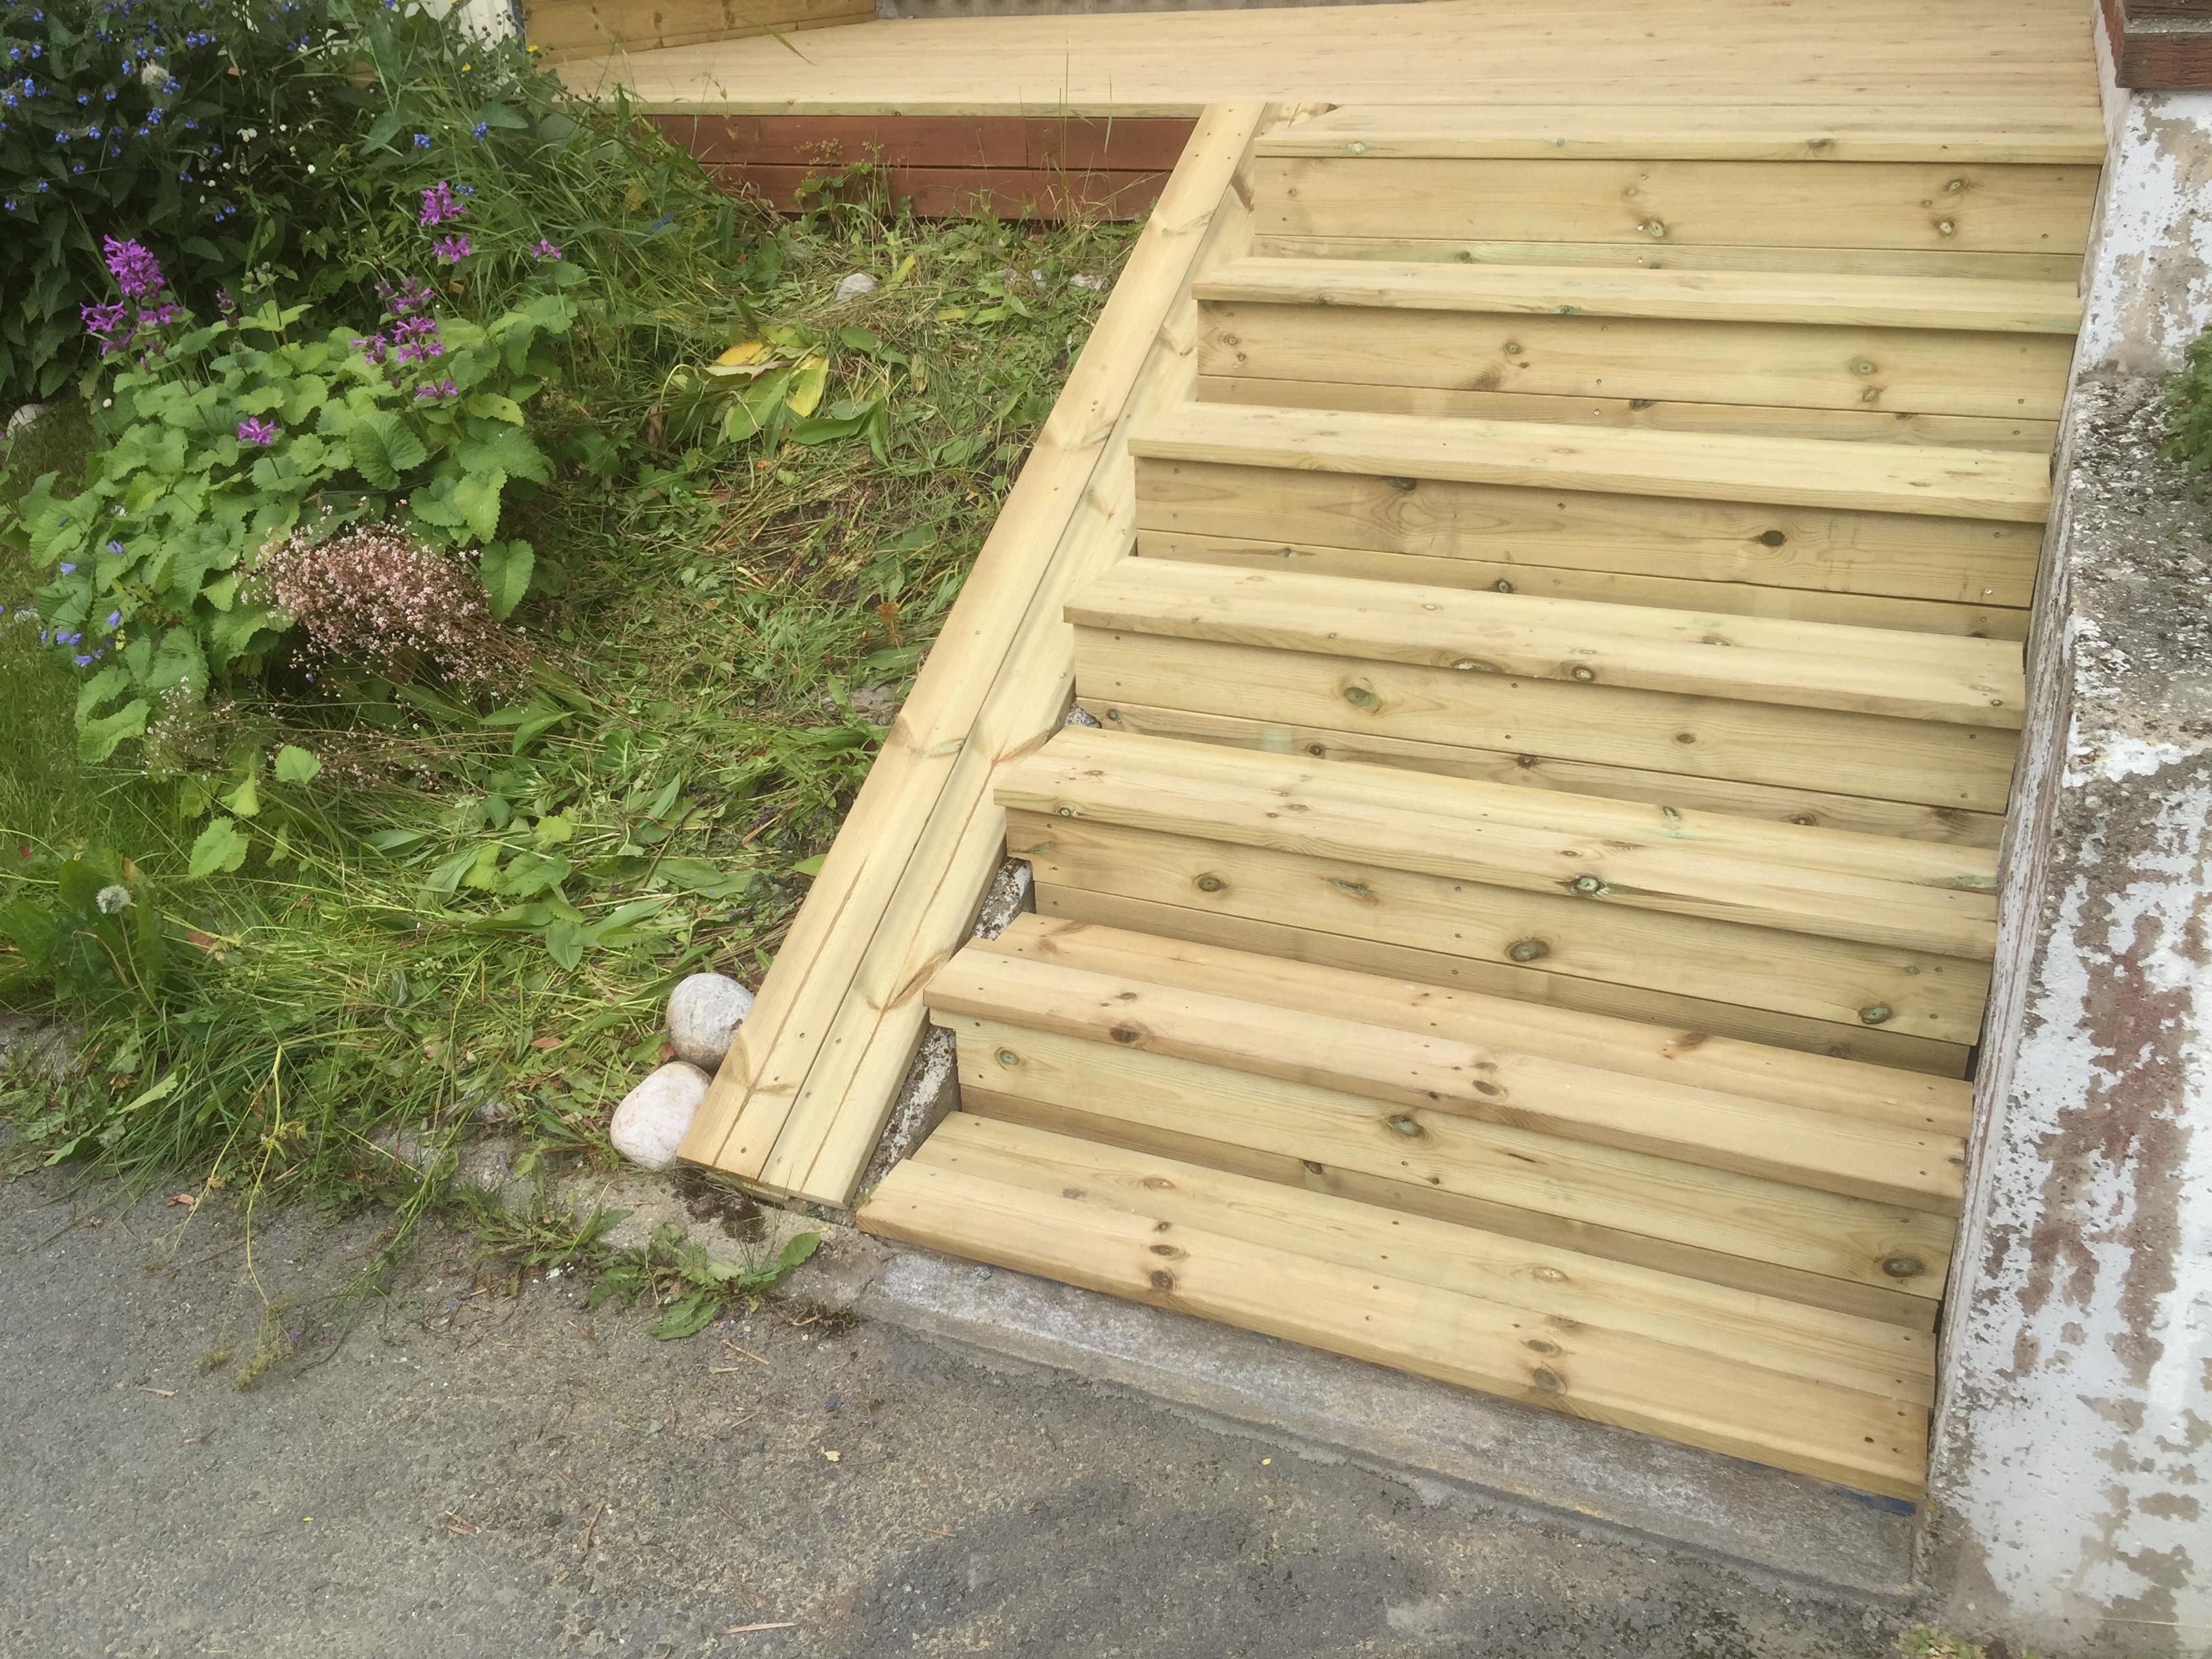 Prosj brattbakken trapp-platt 3 (5)